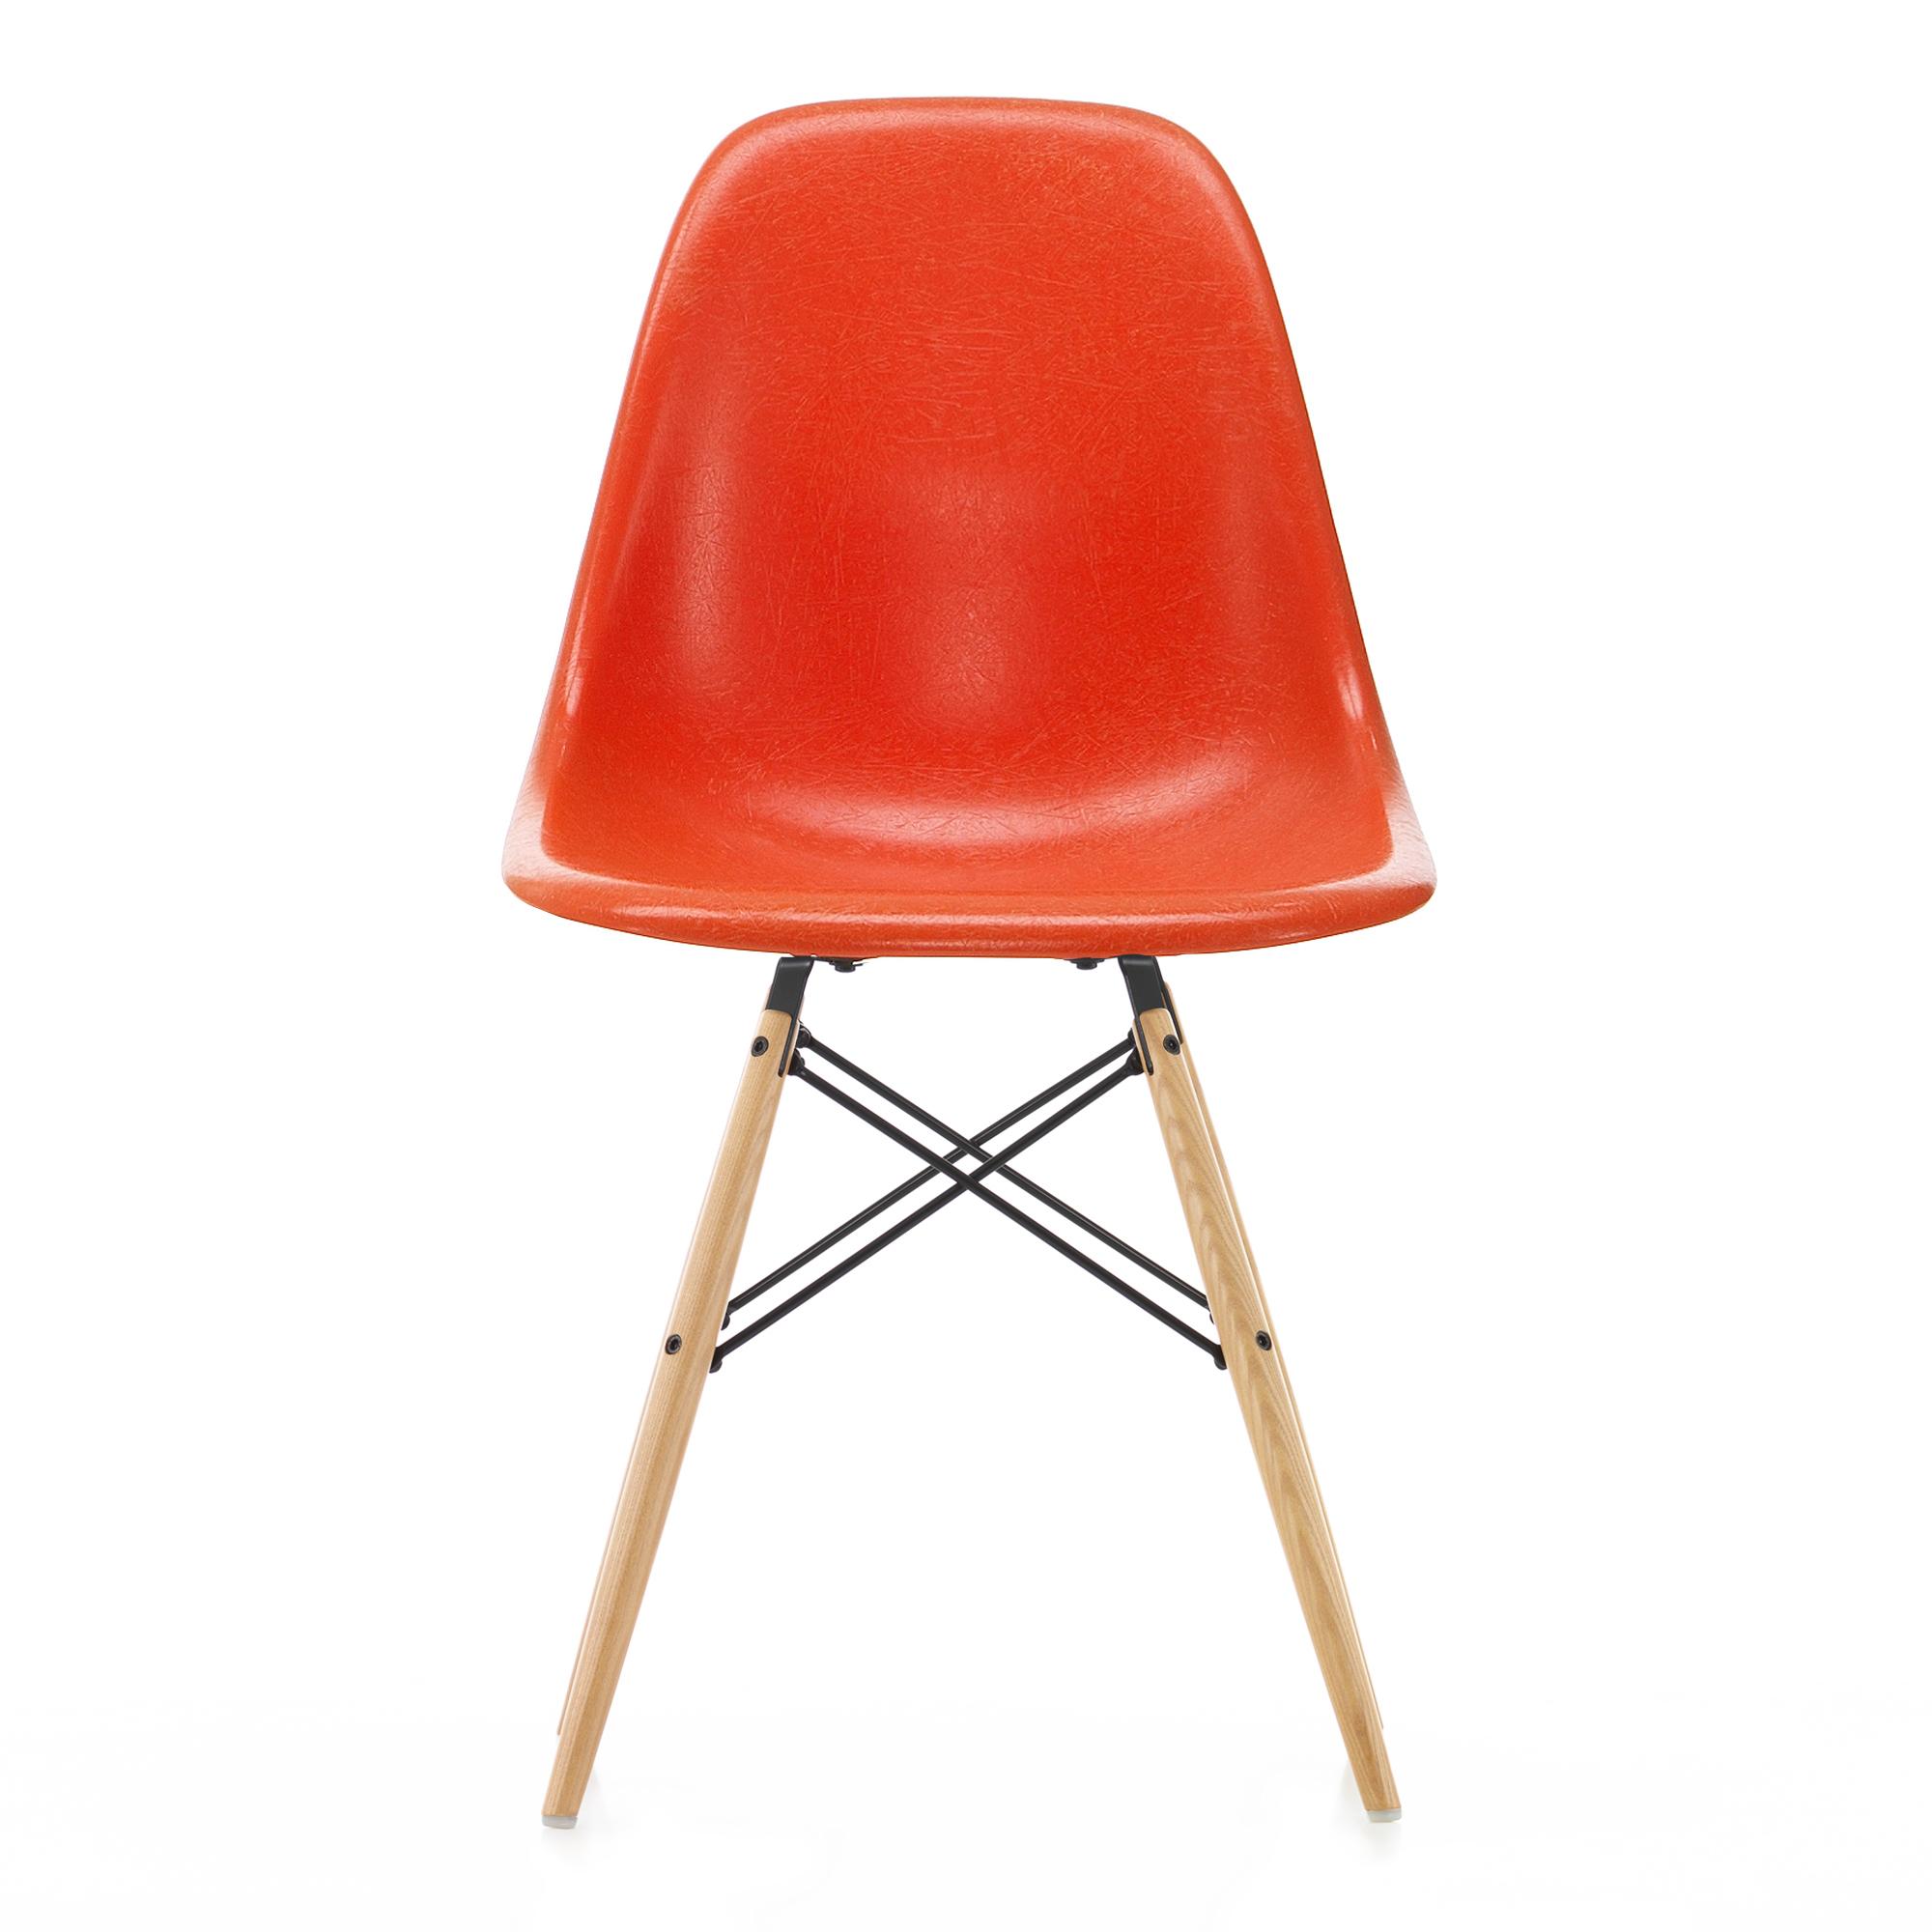 Eames Fiberglass Chair DSW Parchment Ash Honey Tone